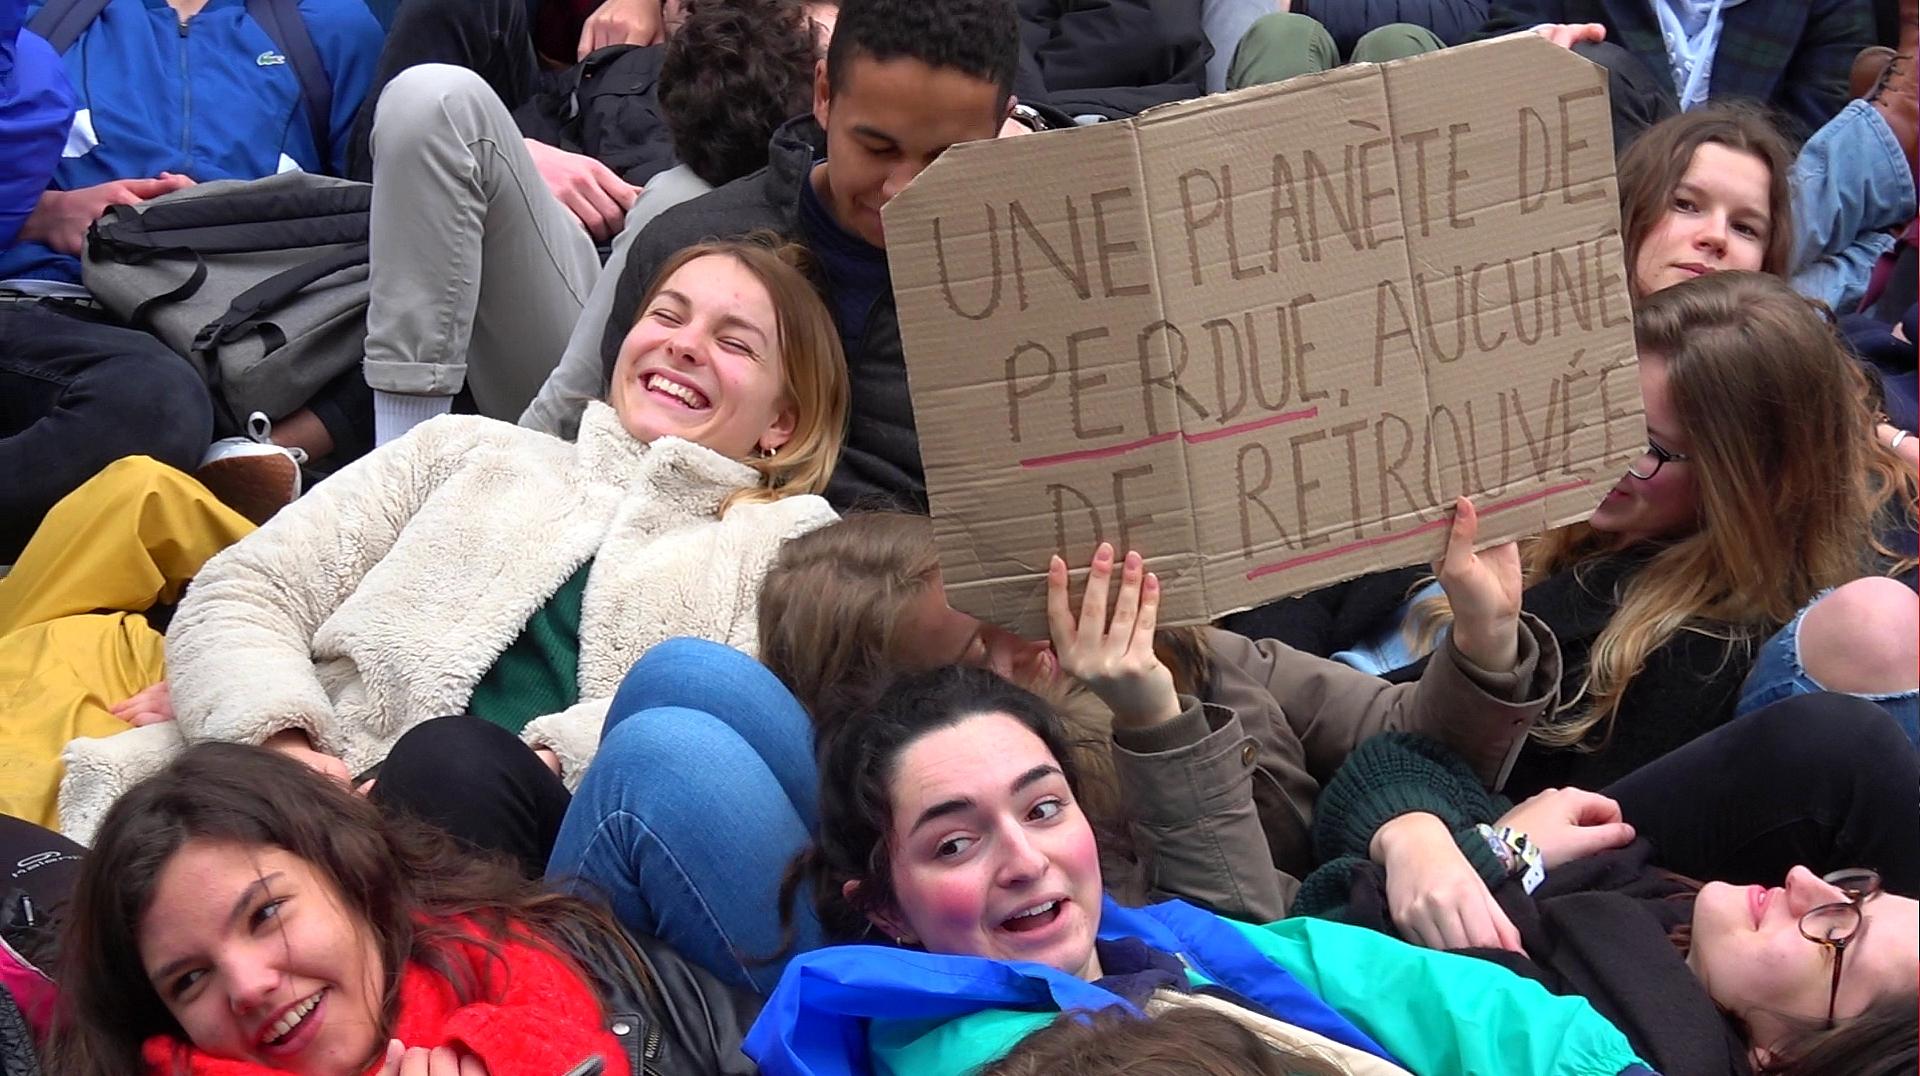 190315 - Lannion grève scolaire pour le climat - La Déviation